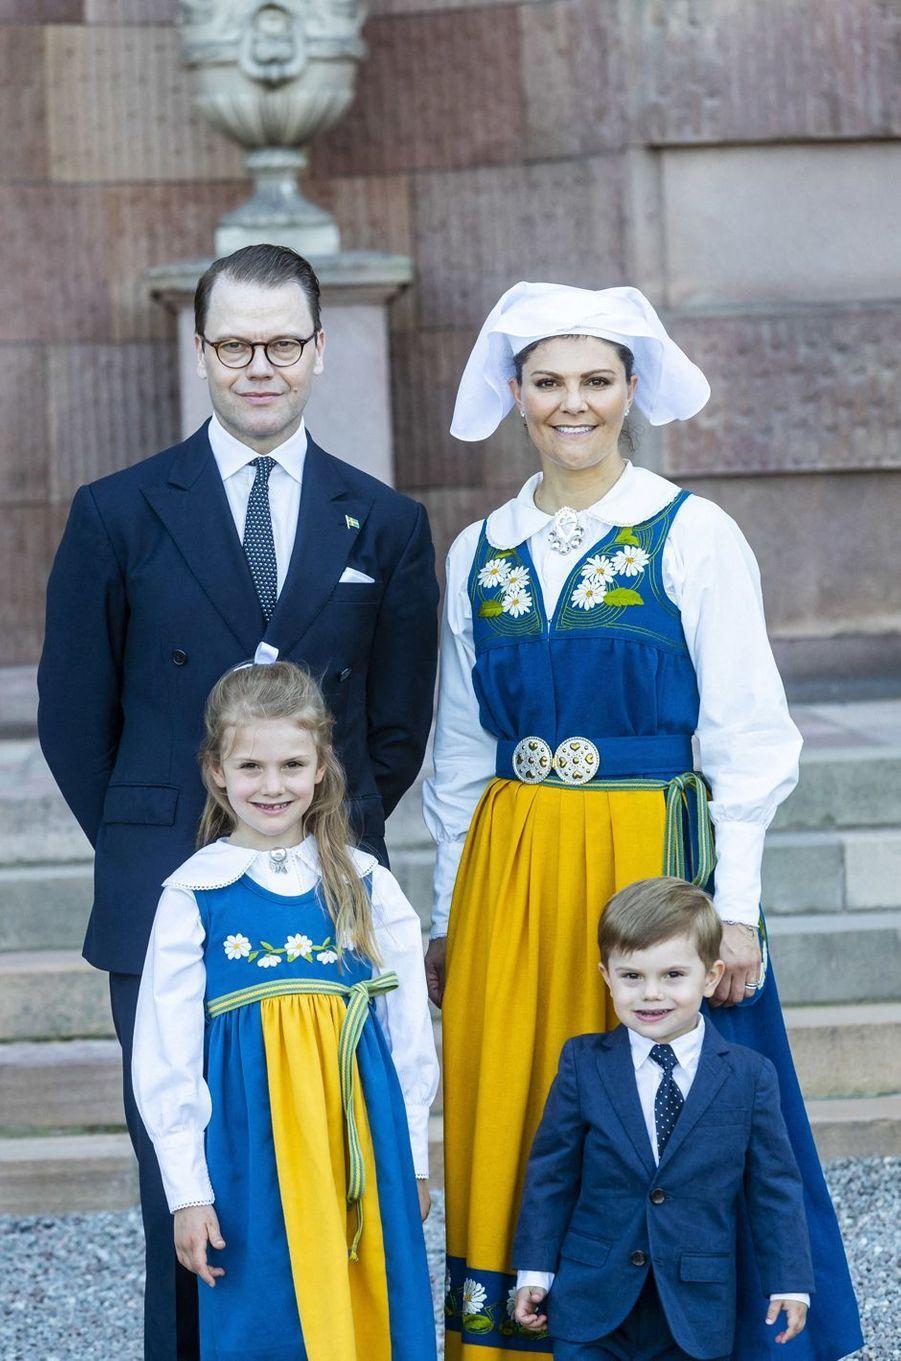 La princesse Victoria de Suède, le prince consort Daniel et leurs enfants à Stockholm, le 6 juin 2019